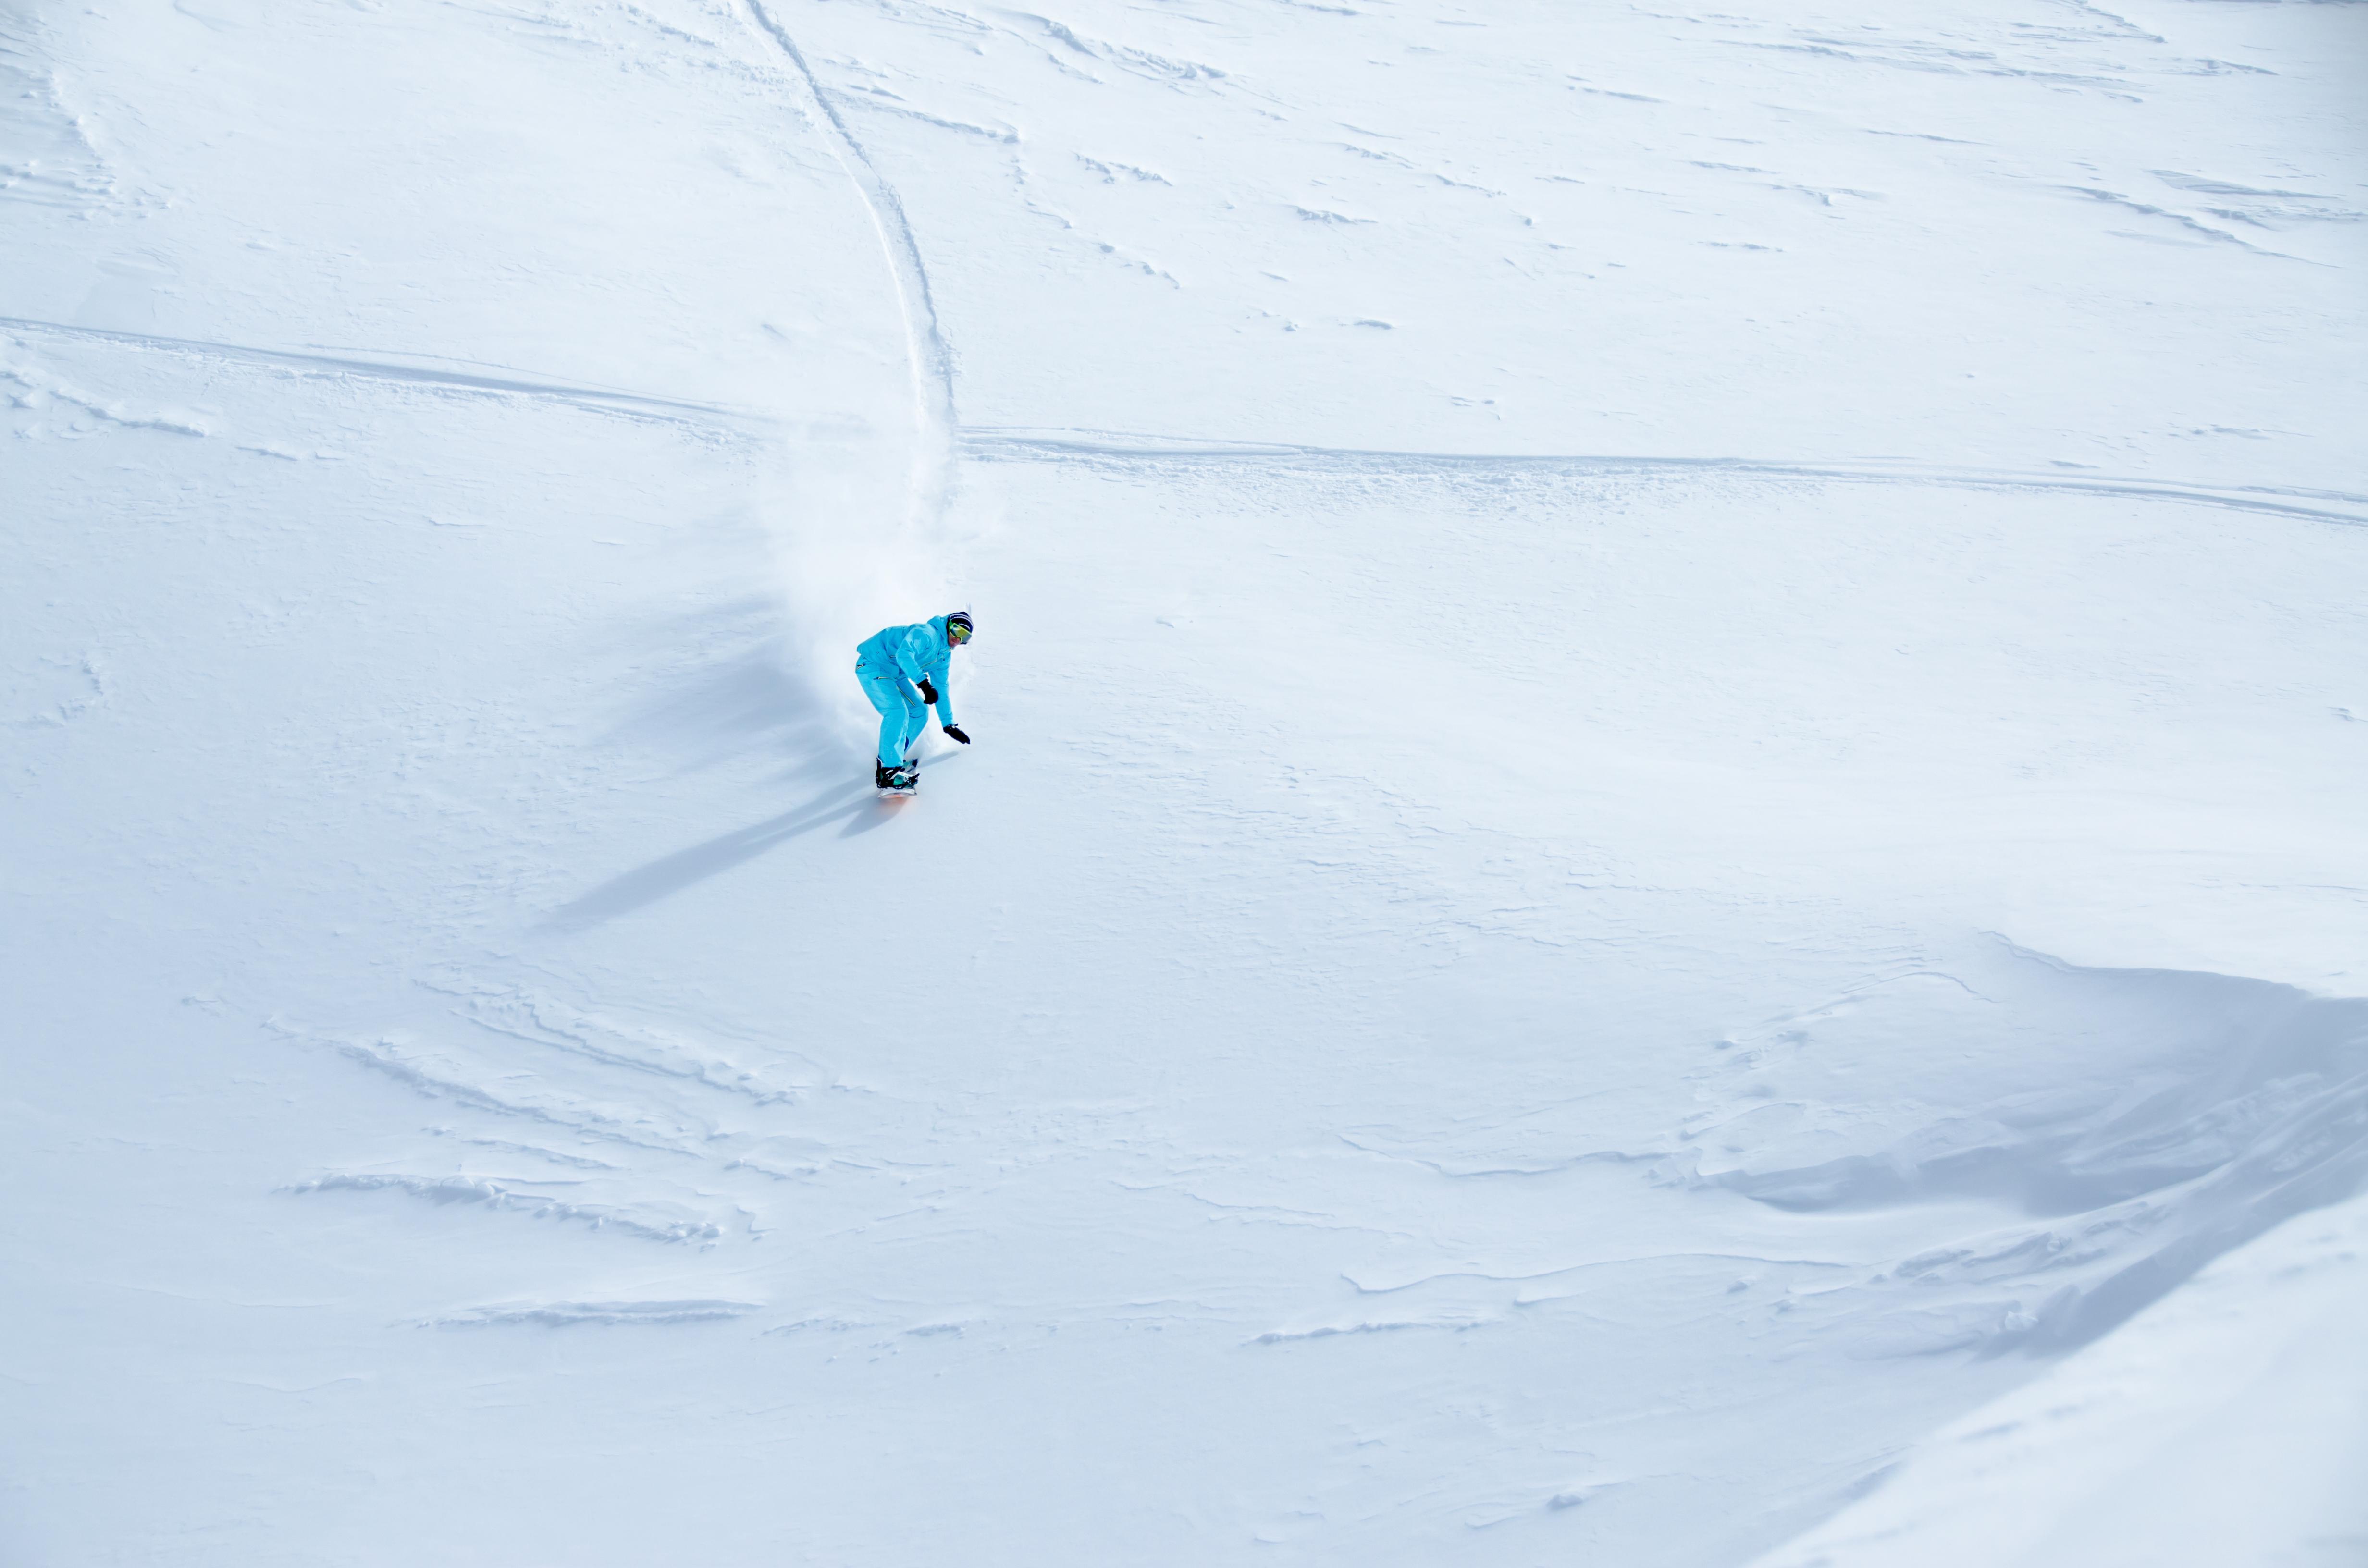 Freeattitude, corso di freeride in Valle d'Aosta